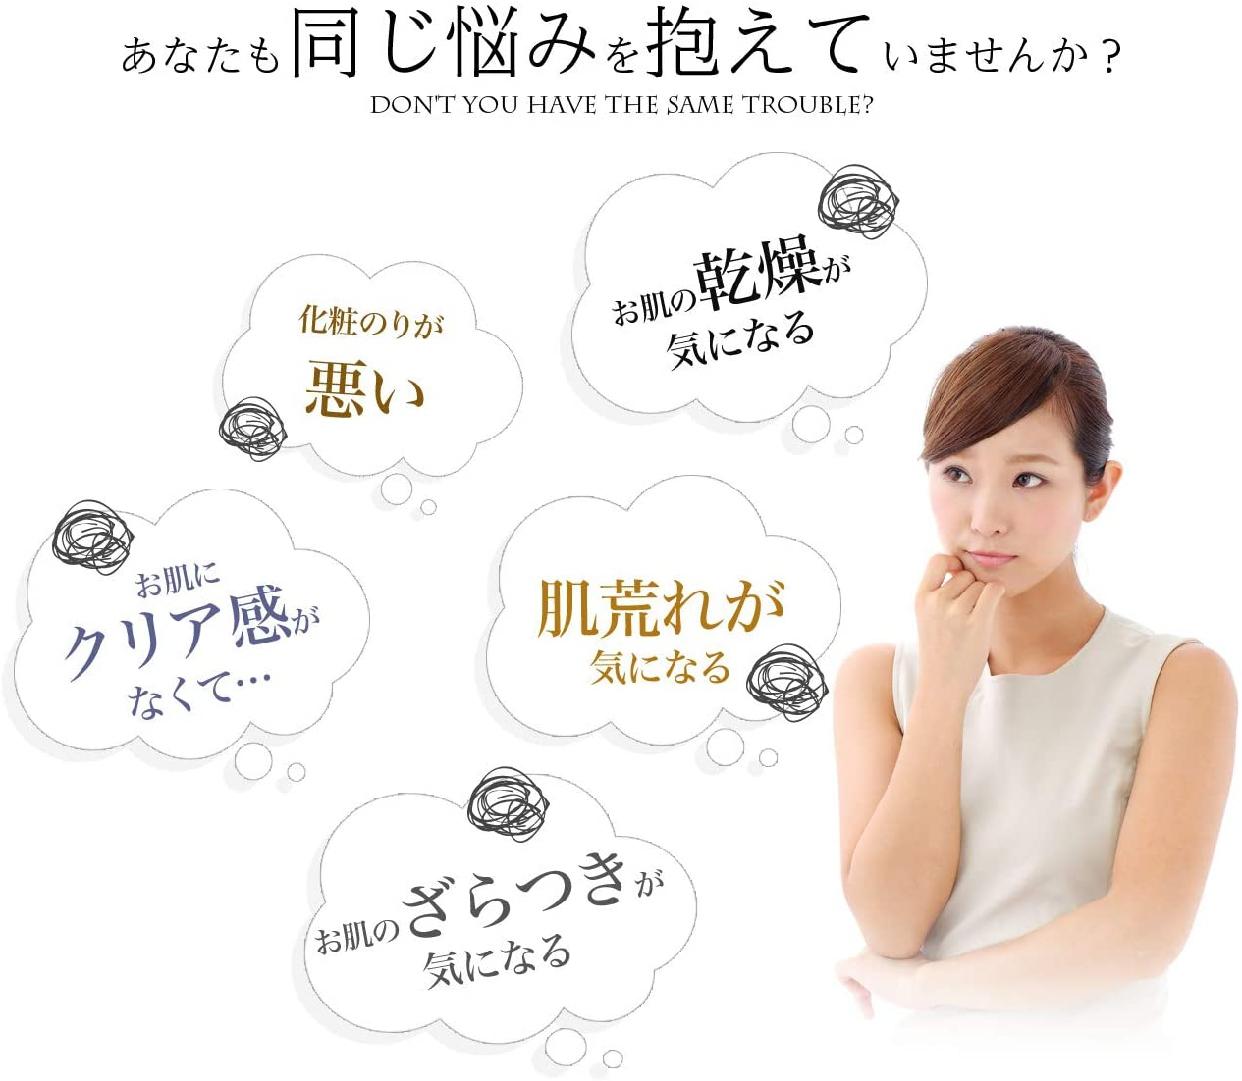 麗白 ハトムギ化粧水の商品画像4